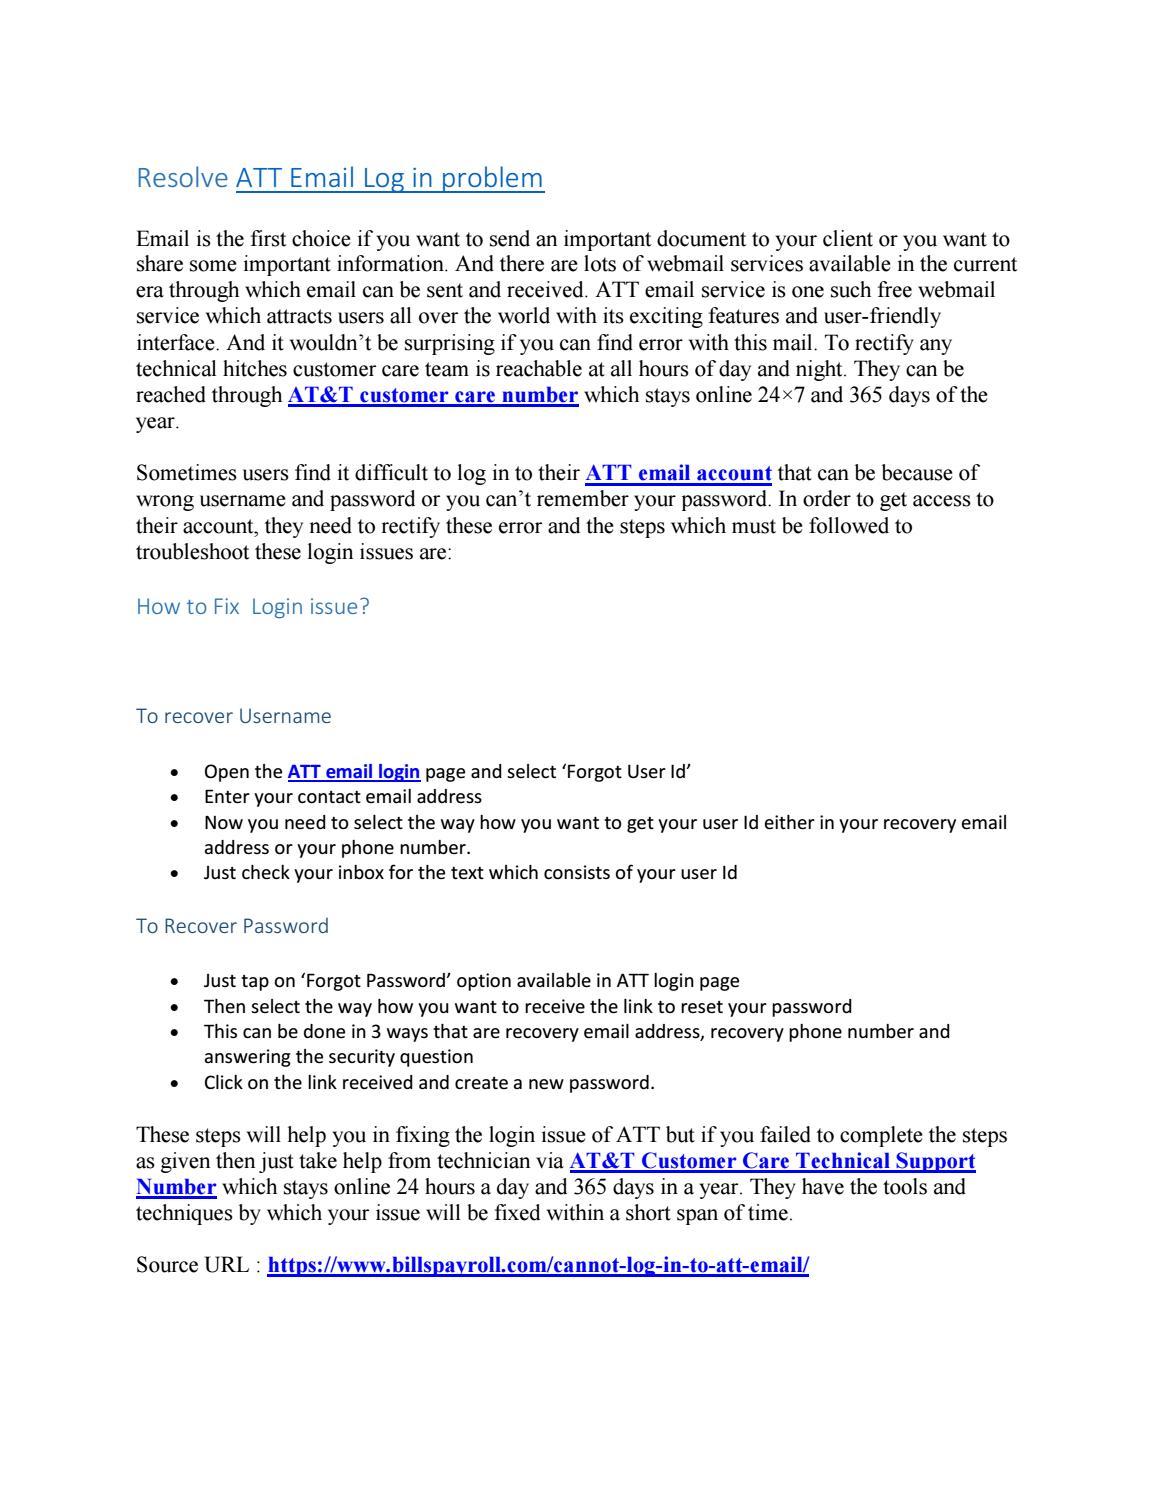 att email log in problem   1-844-787-7041 by alishamacormac - issuu